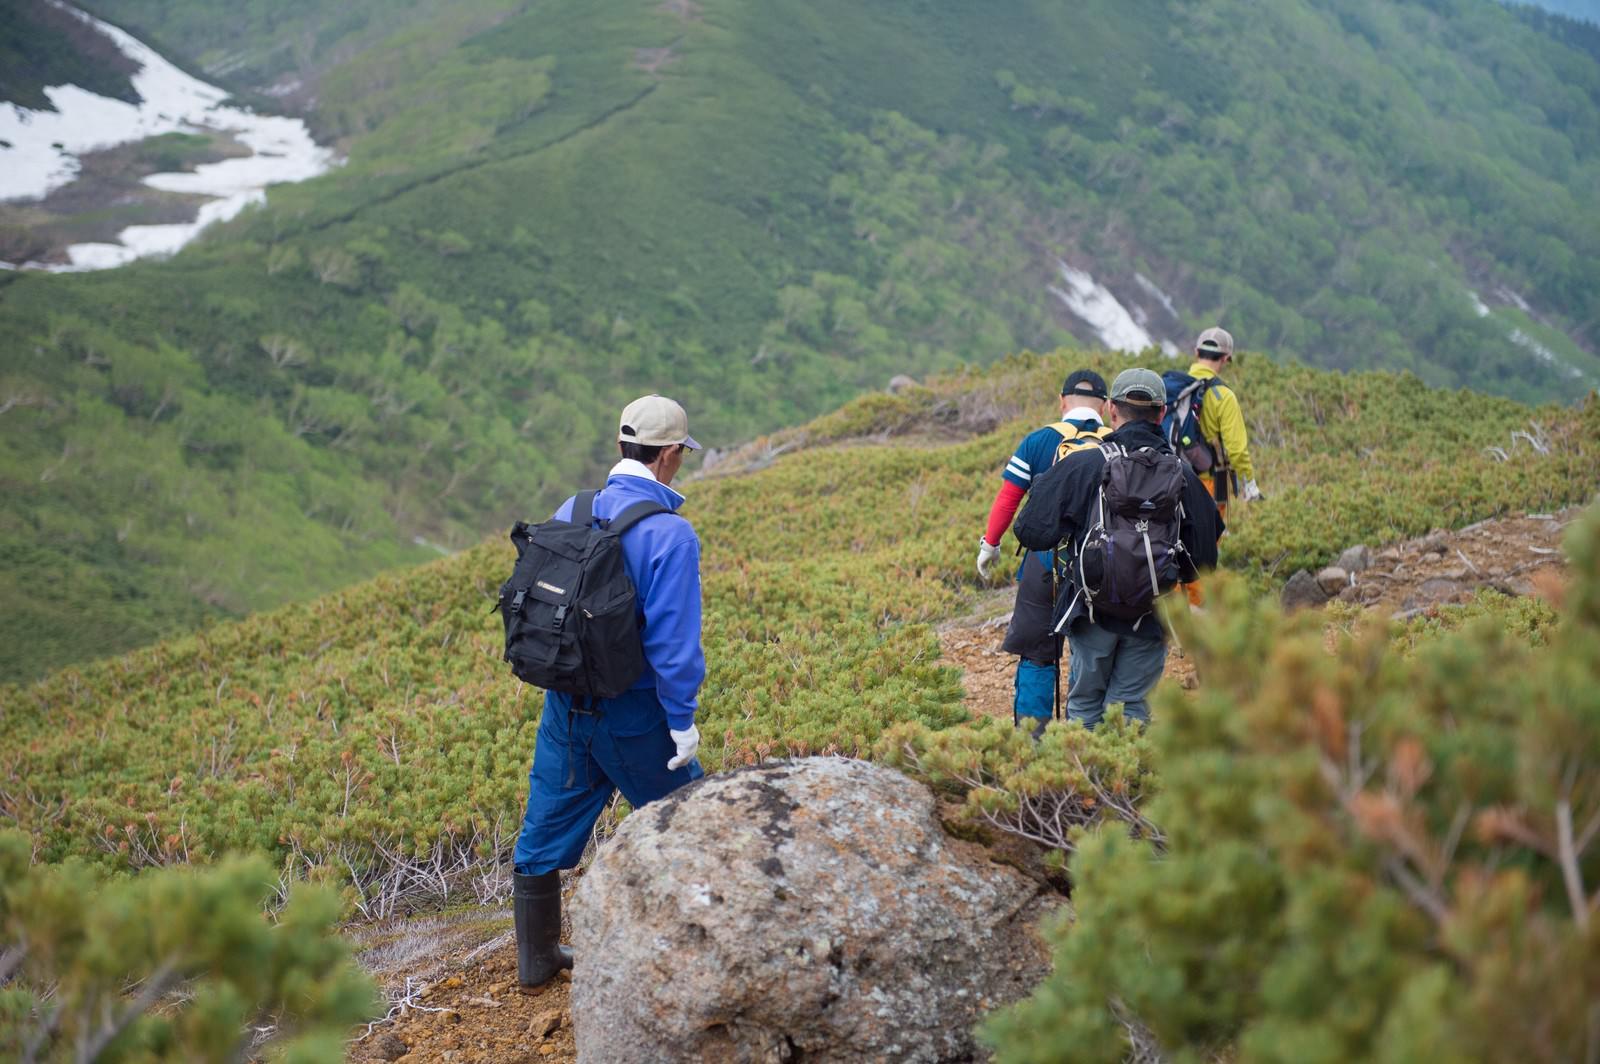 「乗鞍新登山道を歩く登山者」の写真